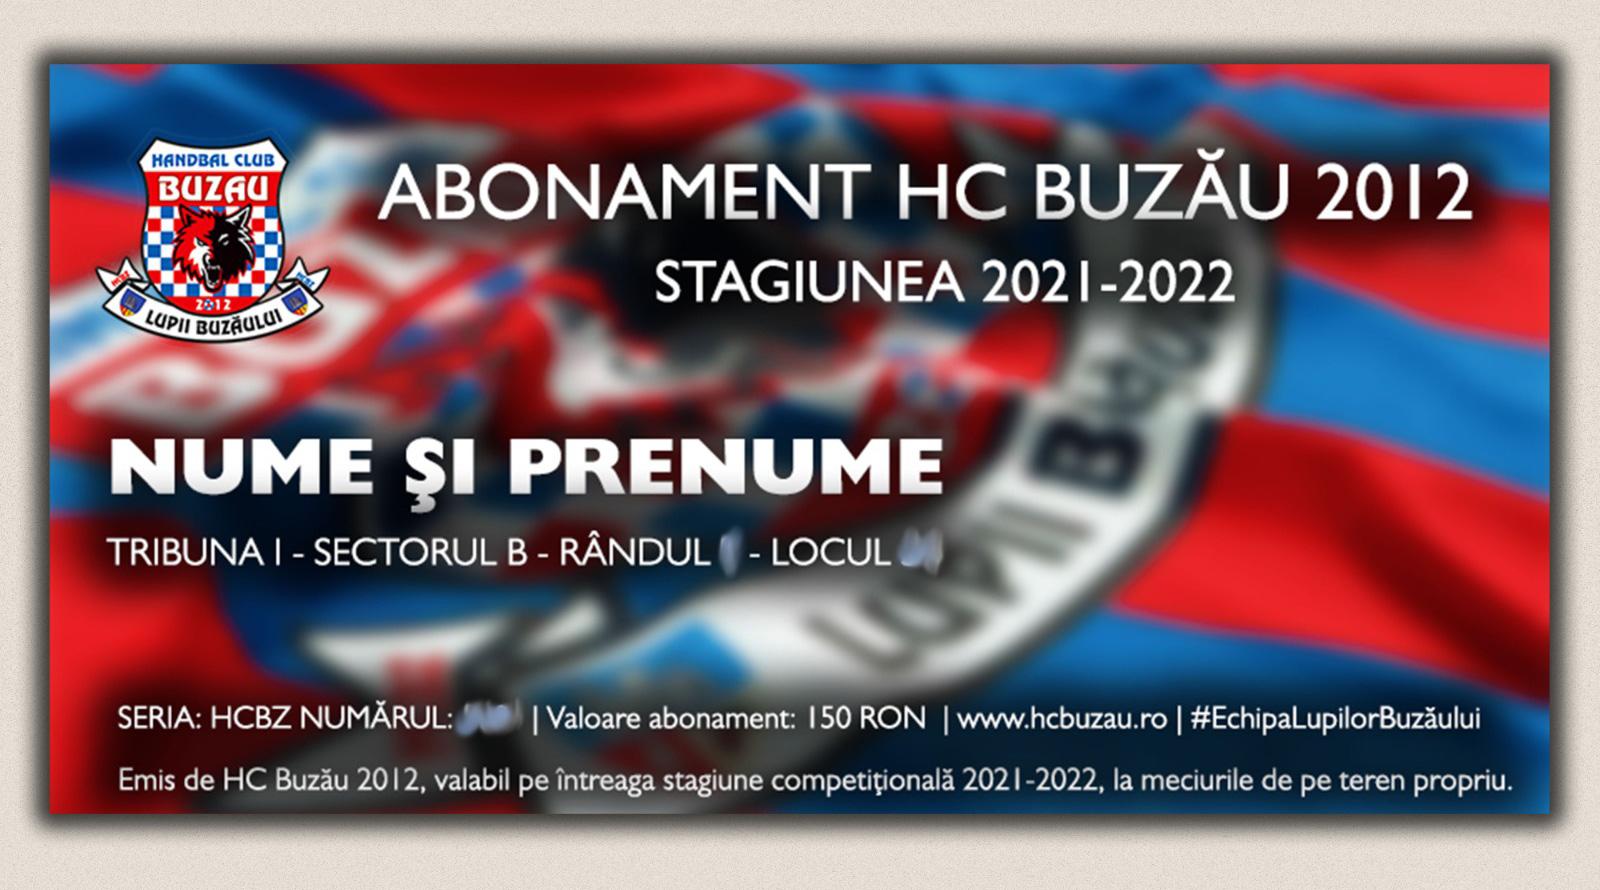 HC Buzău 2012 -  Abonament - Stagiunea 2021-2022